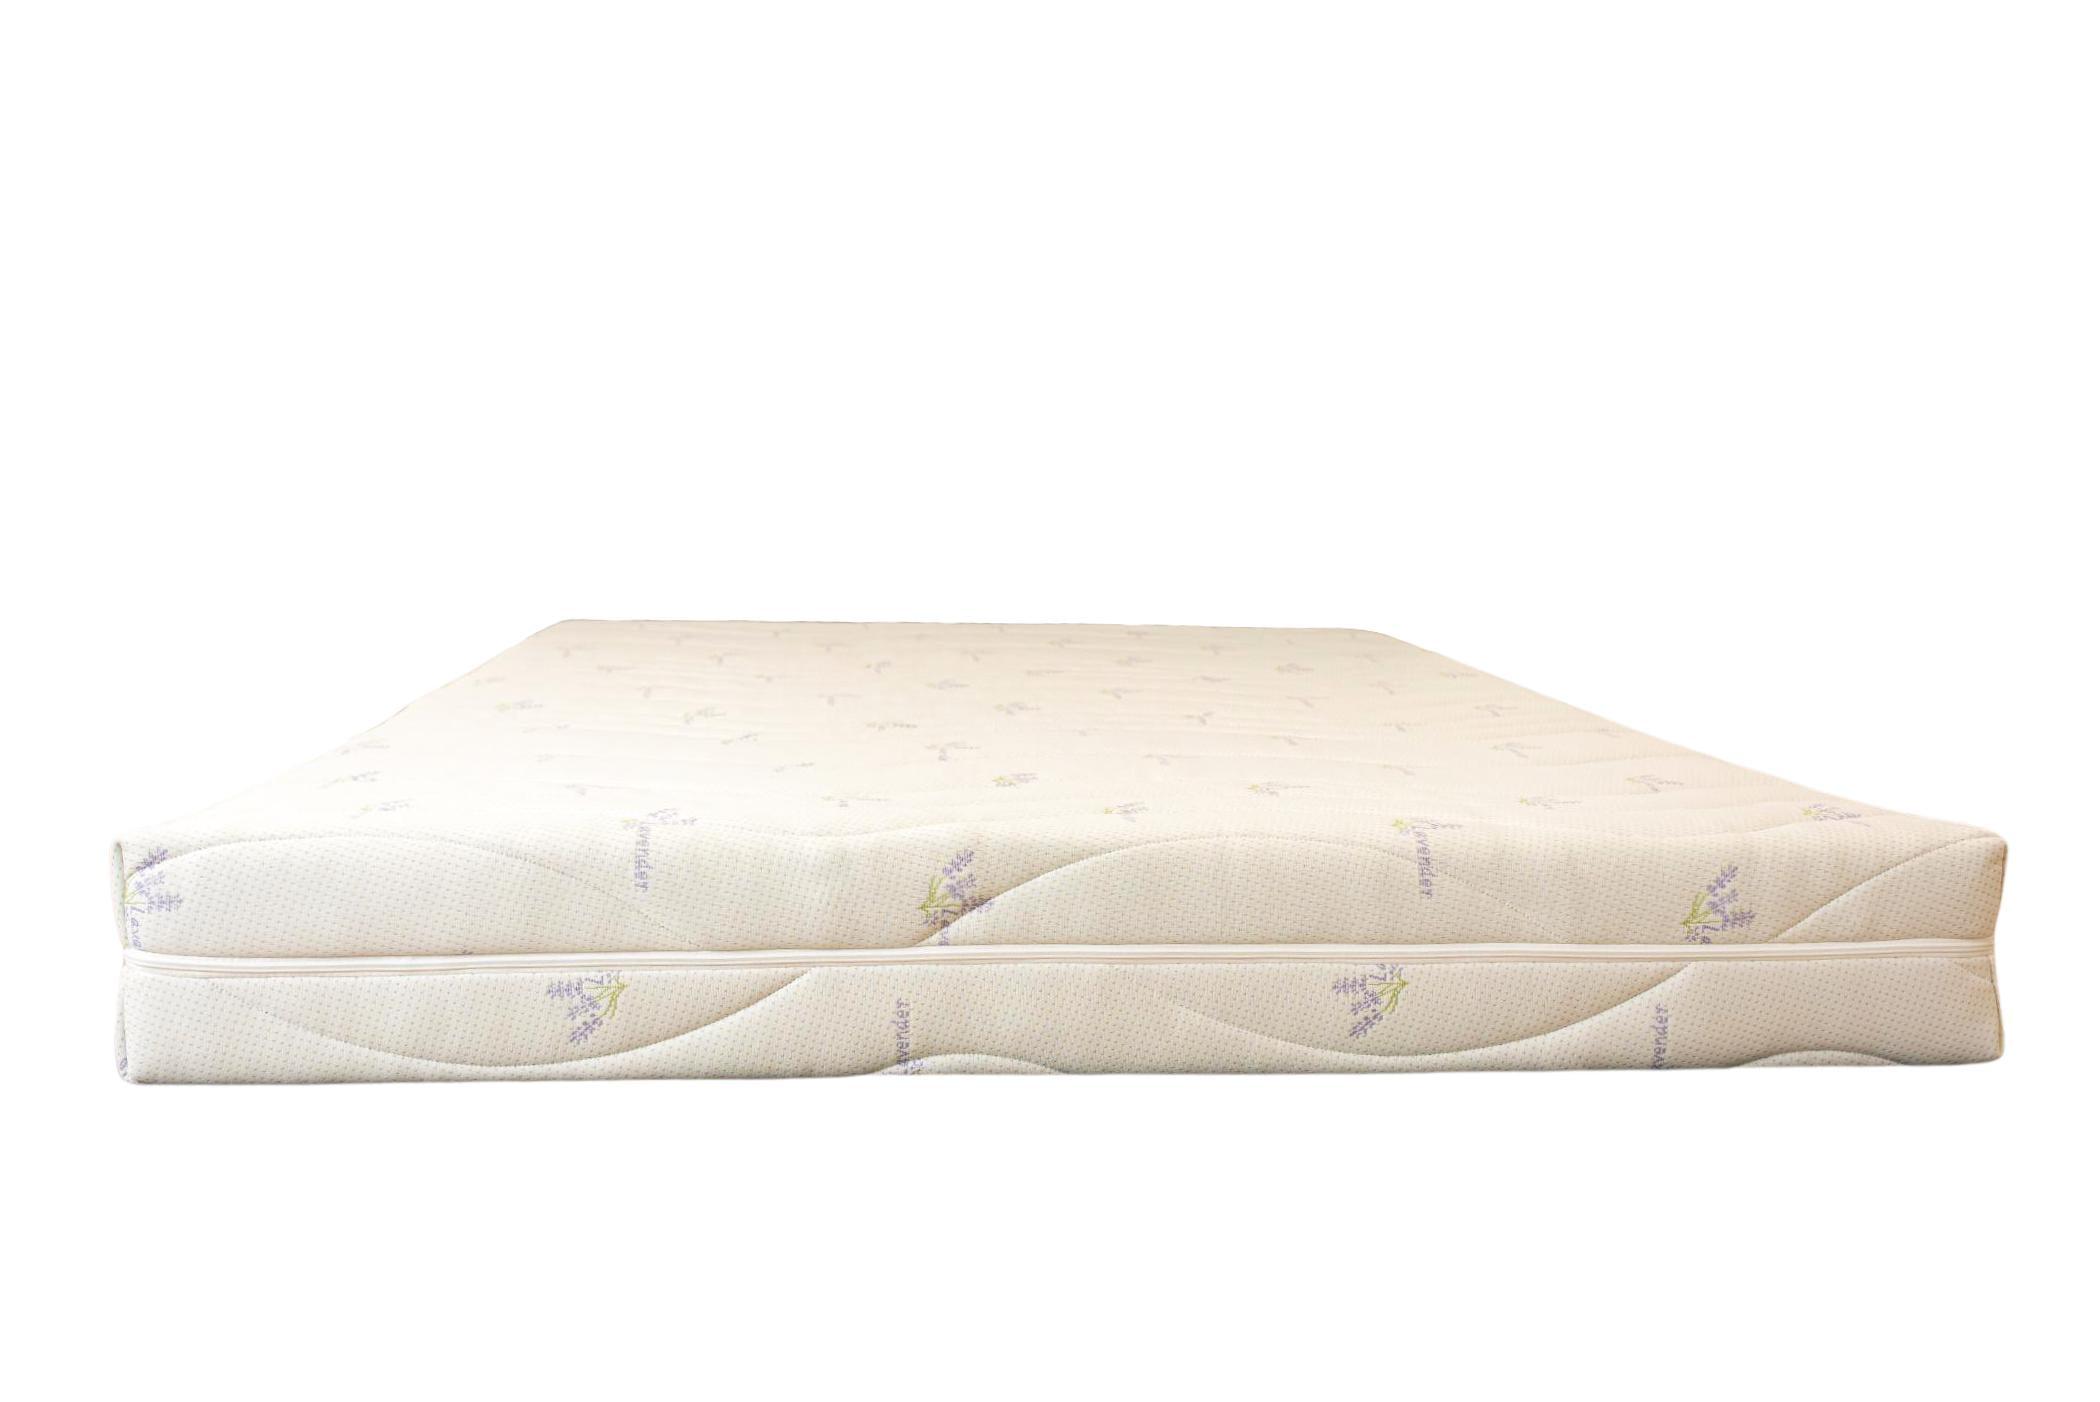 Saltea ortopedica Somnexpert Lavanda 90x200x16cm spuma poliuretanica cu memorie 14+2cm, husa tratata cu lavanda, lavabila si detasabila cu fermoar, fermitate medie poza somnart.ro